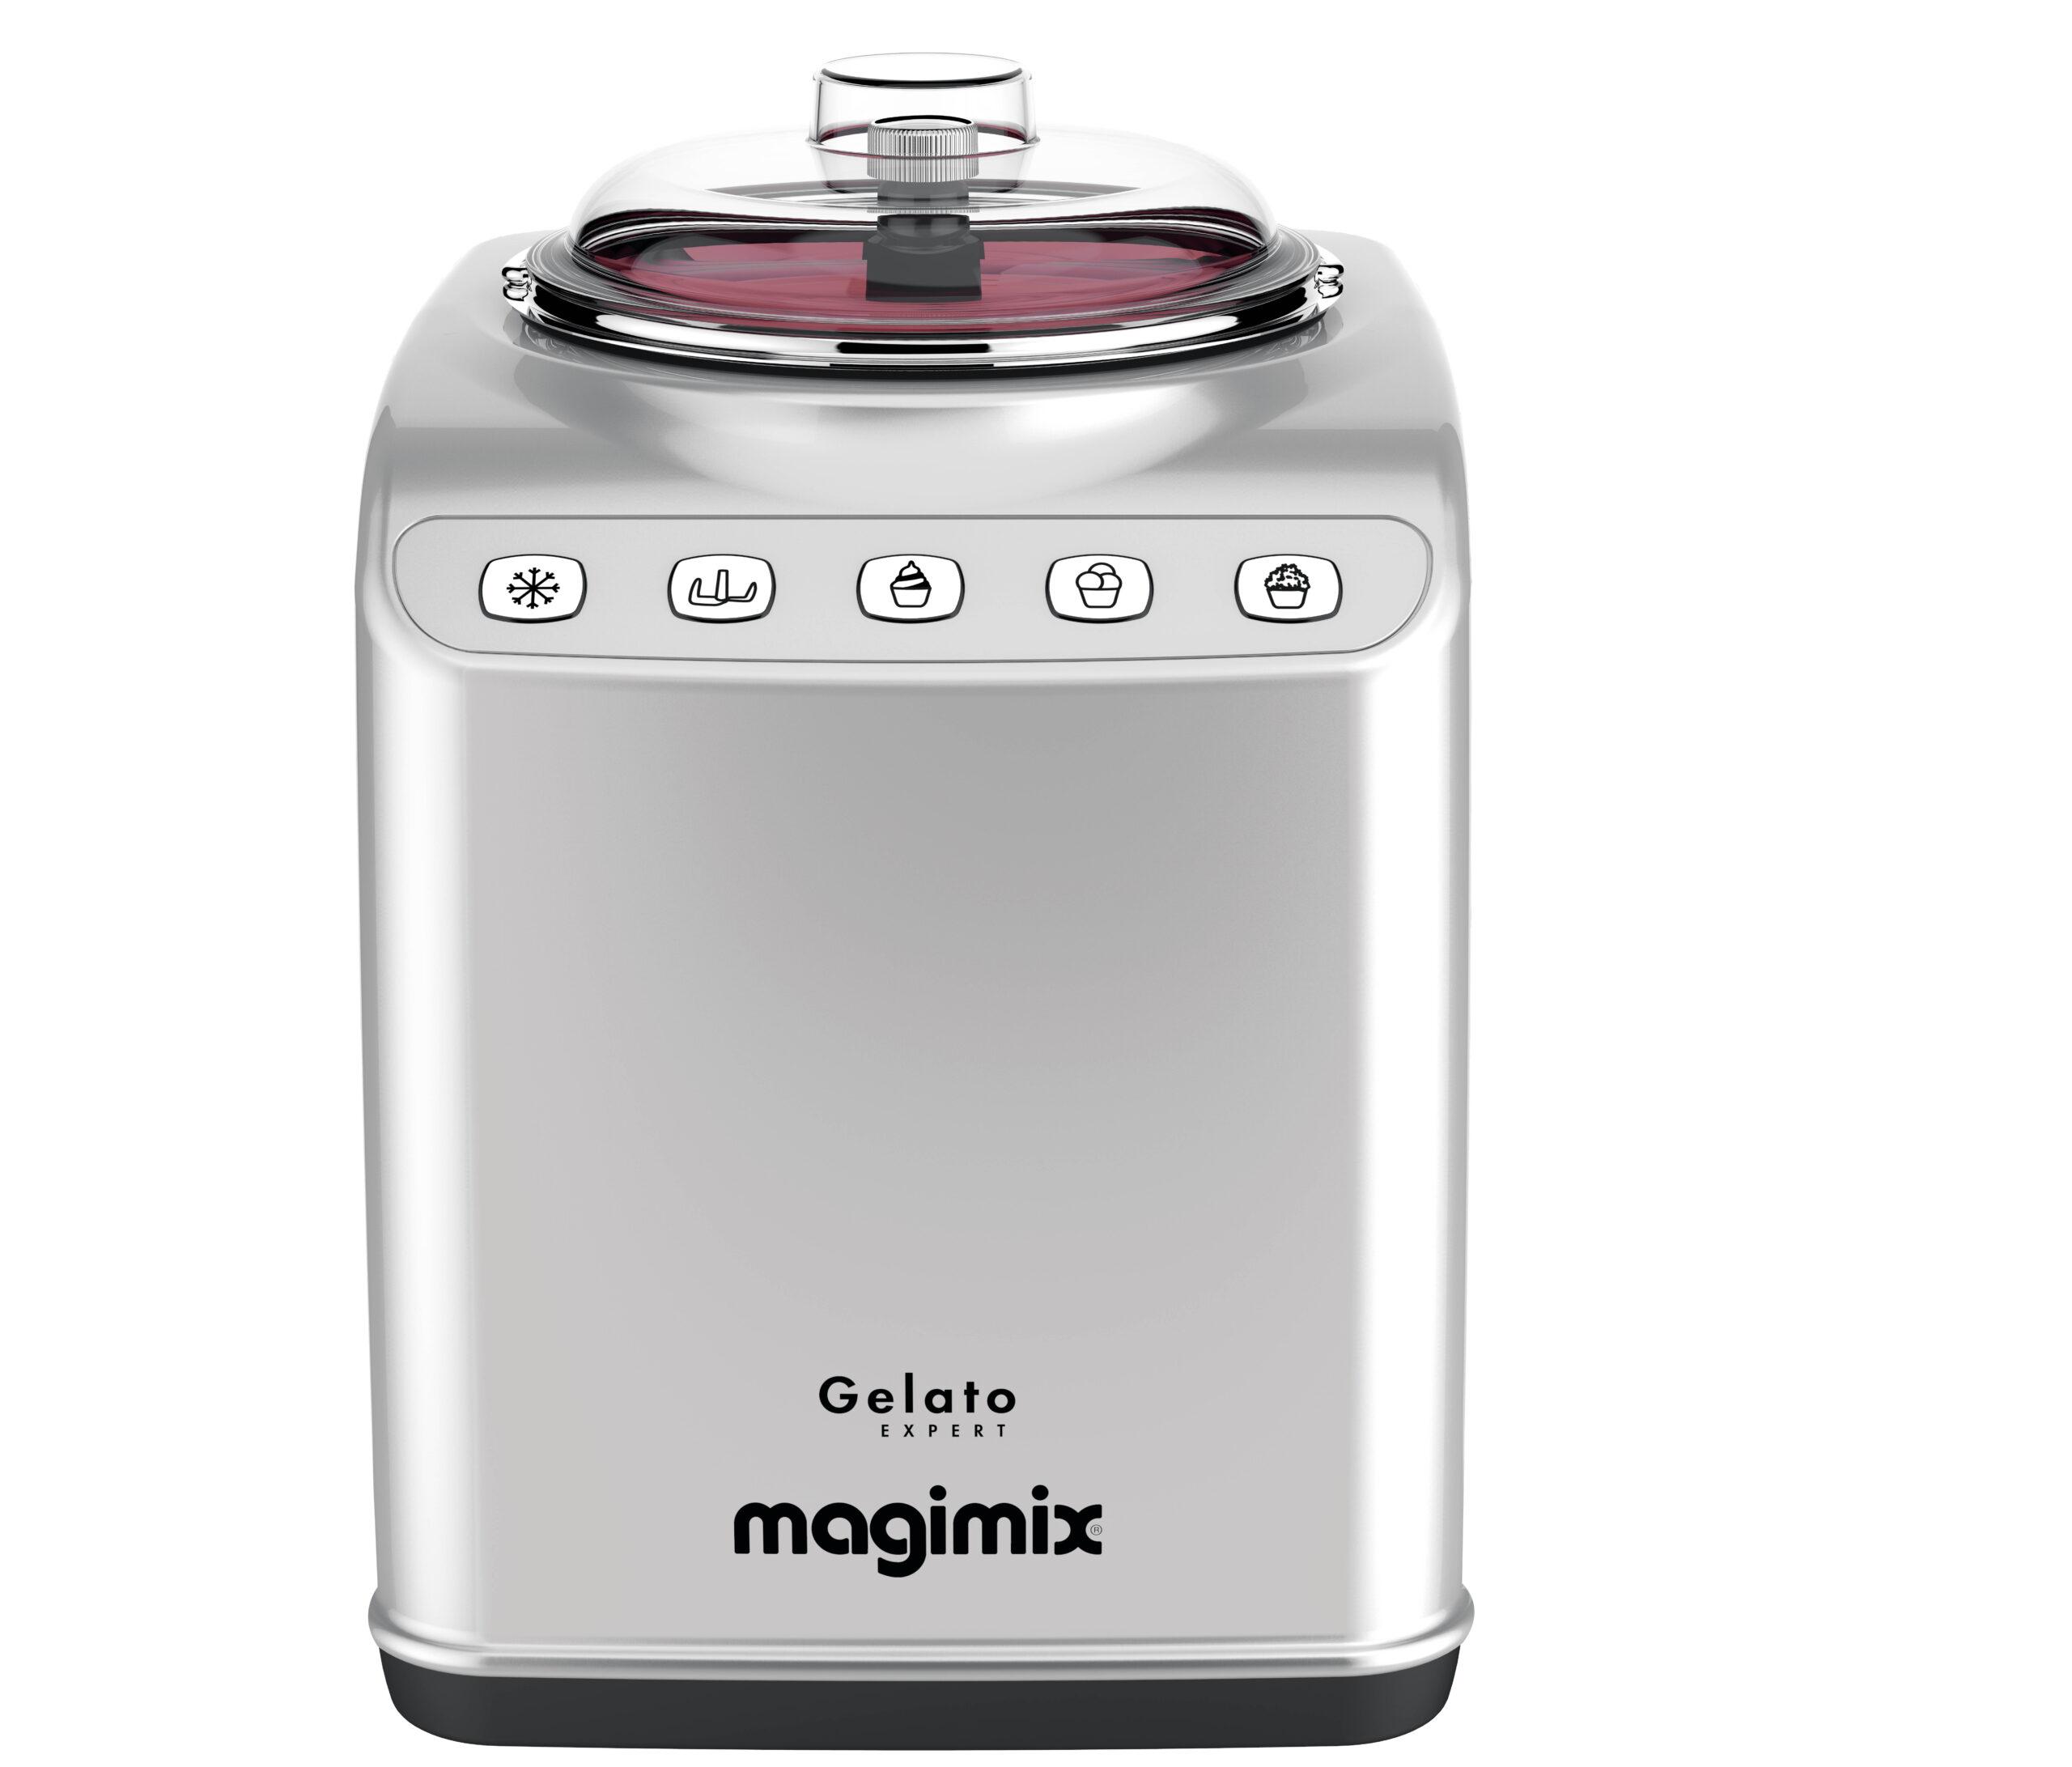 Magimix Gelato Expertijsmachine